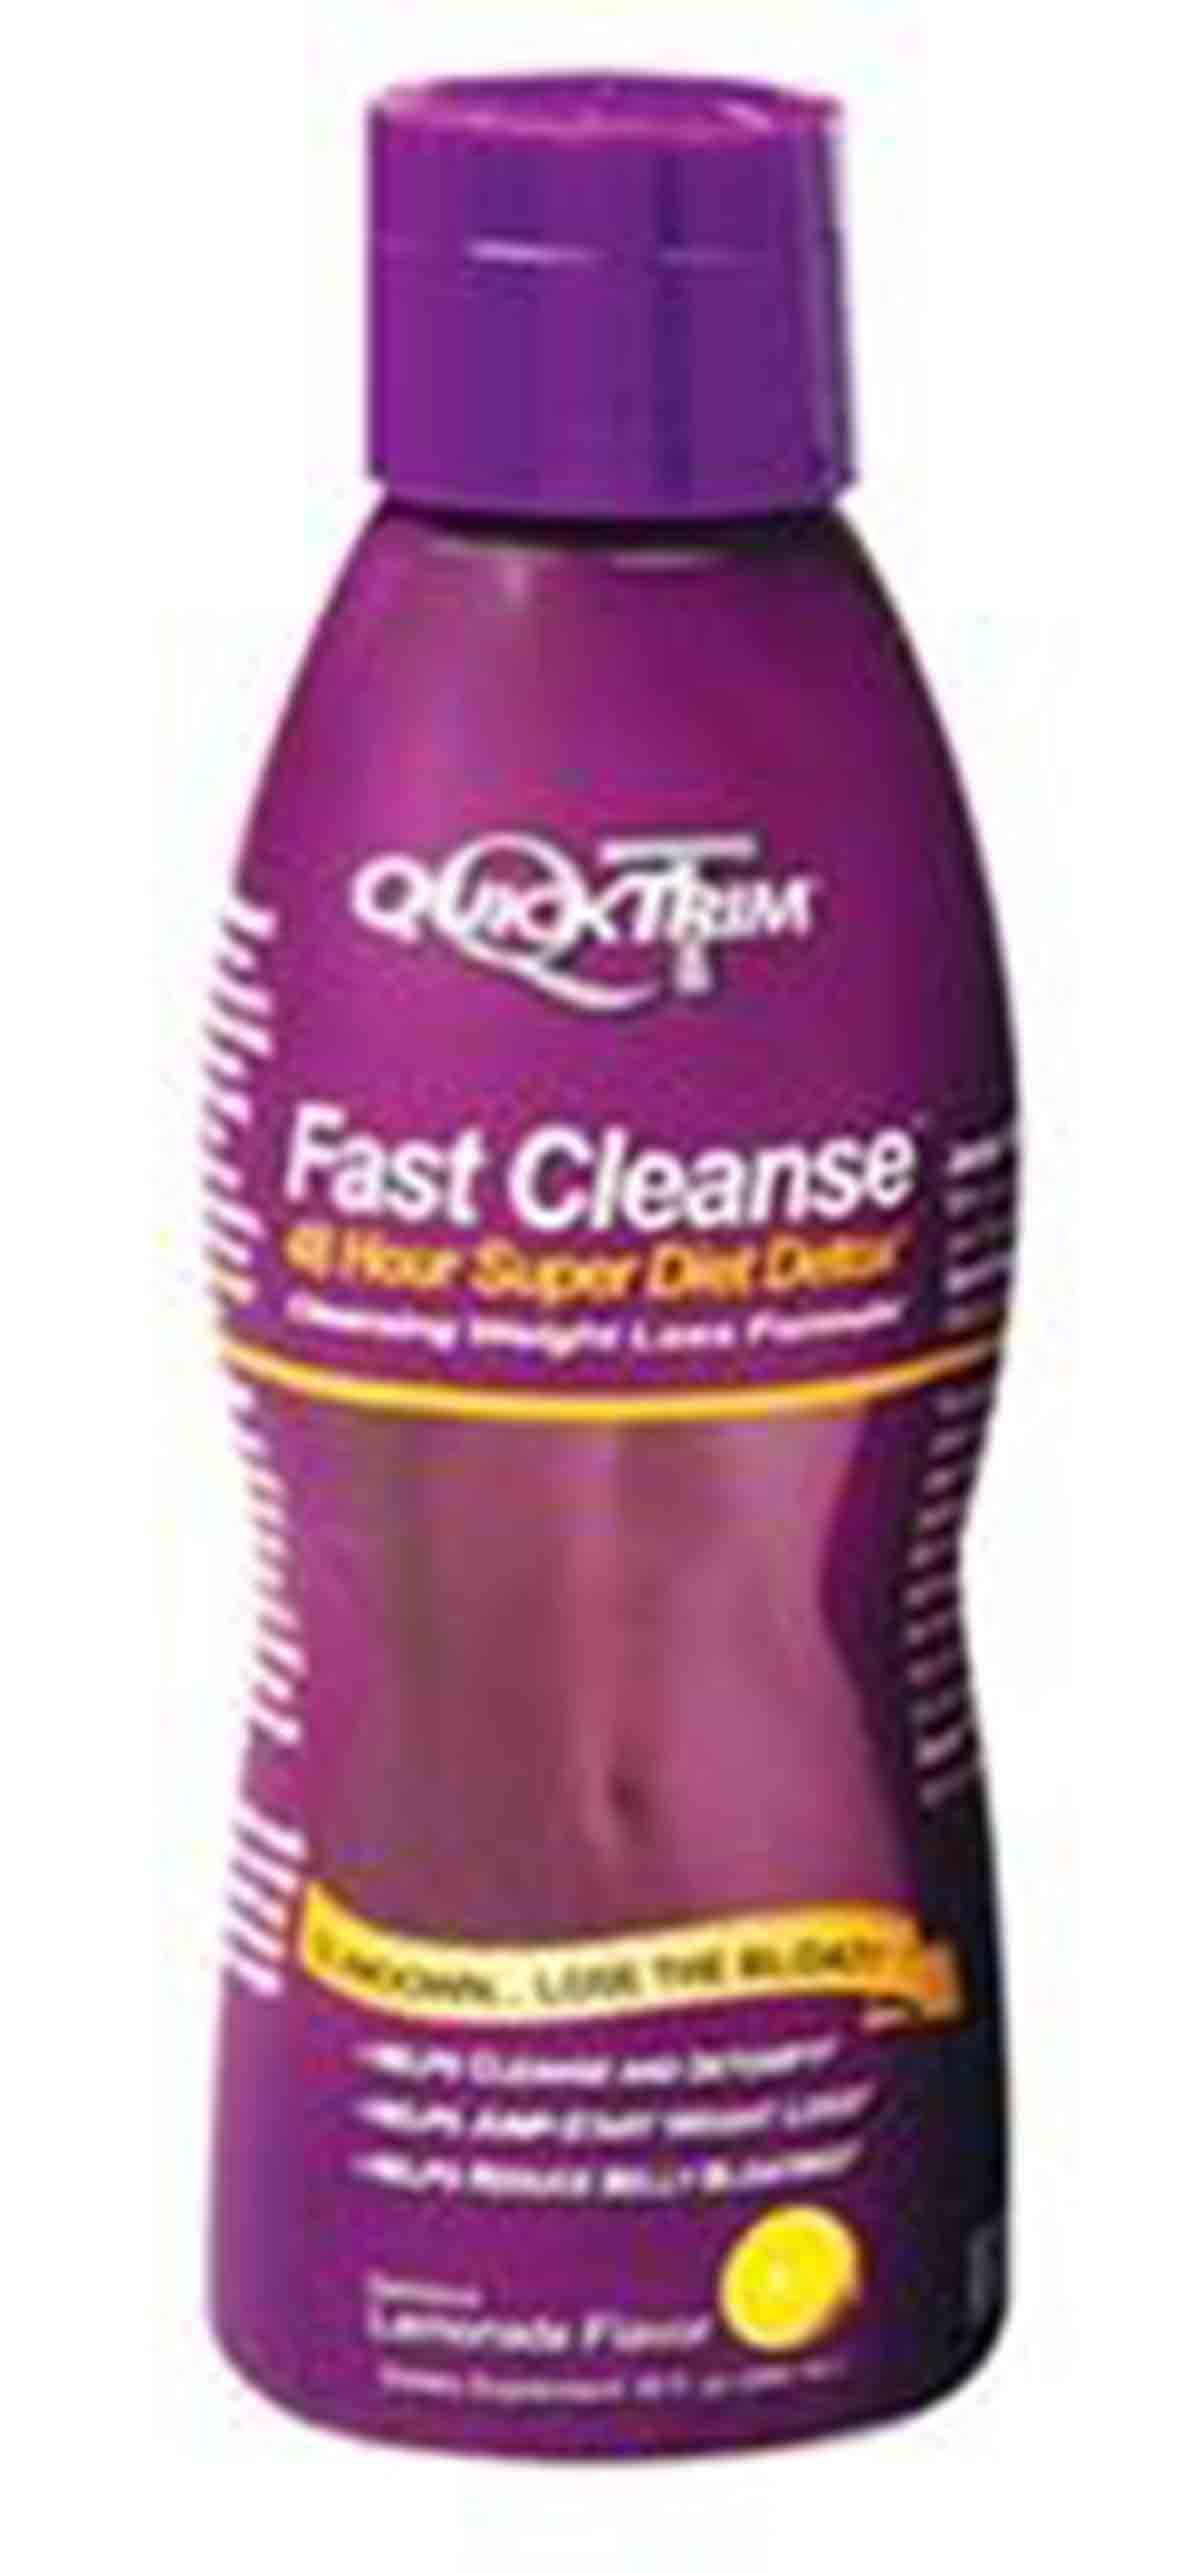 QuickTrim Fast Cleanse